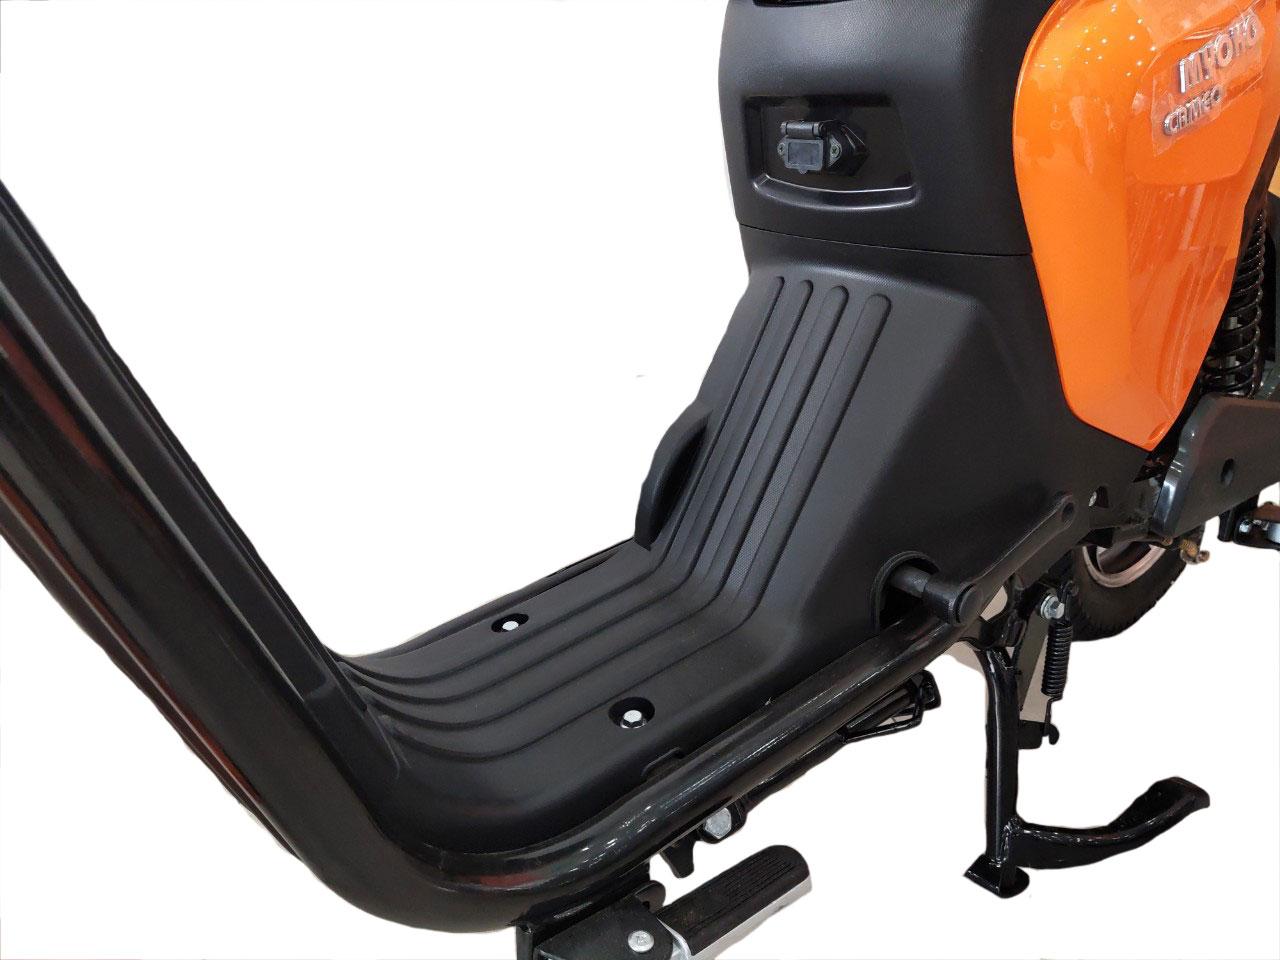 Để chân và bàn đạp - Xe đạp điện Myoko